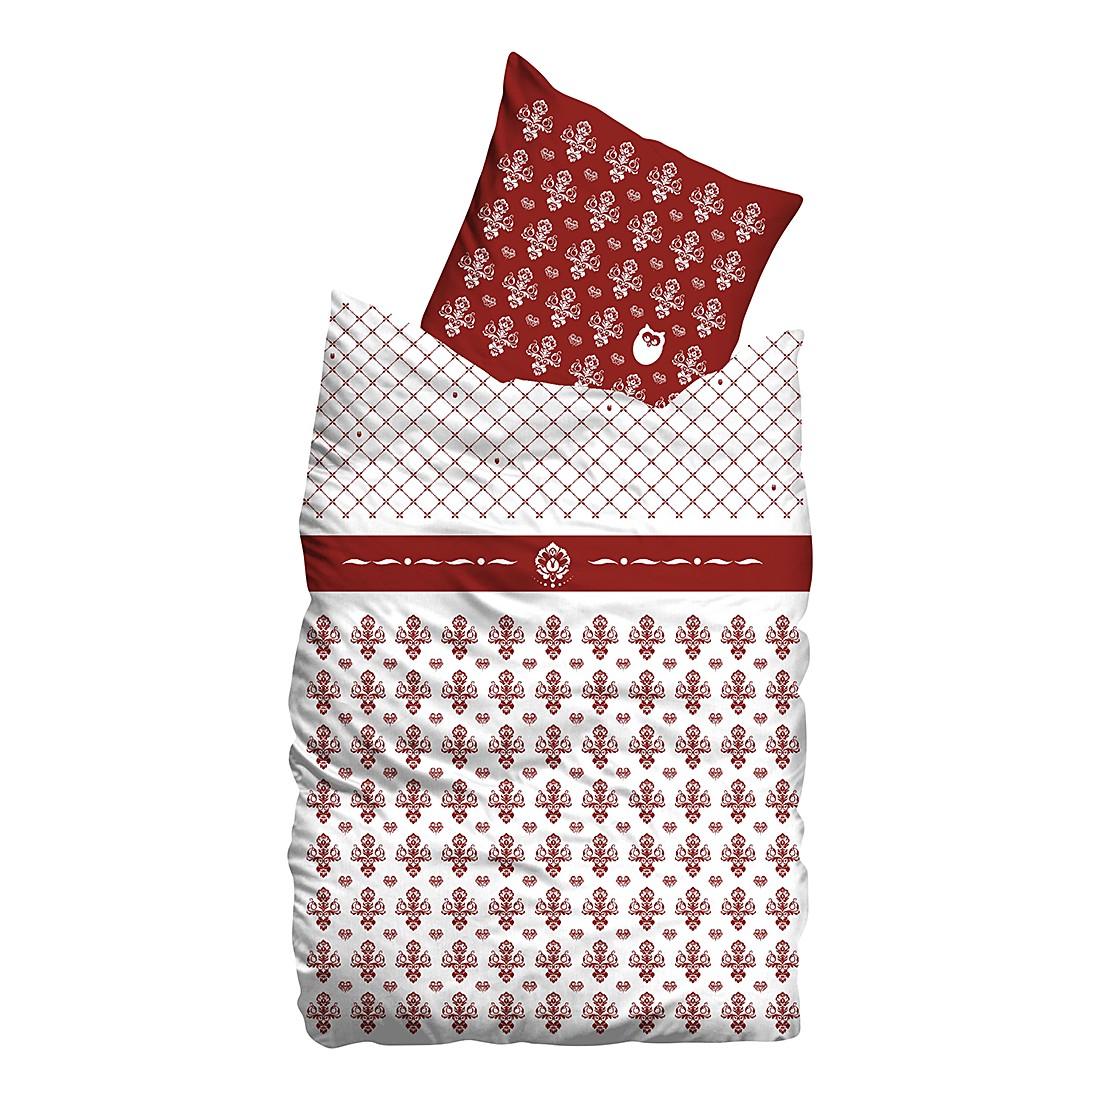 Linon Bettwäsche Flourish – Weiß / Rot – 155 x 220 cm + Kissen 80 x 80 cm, Sueños online bestellen